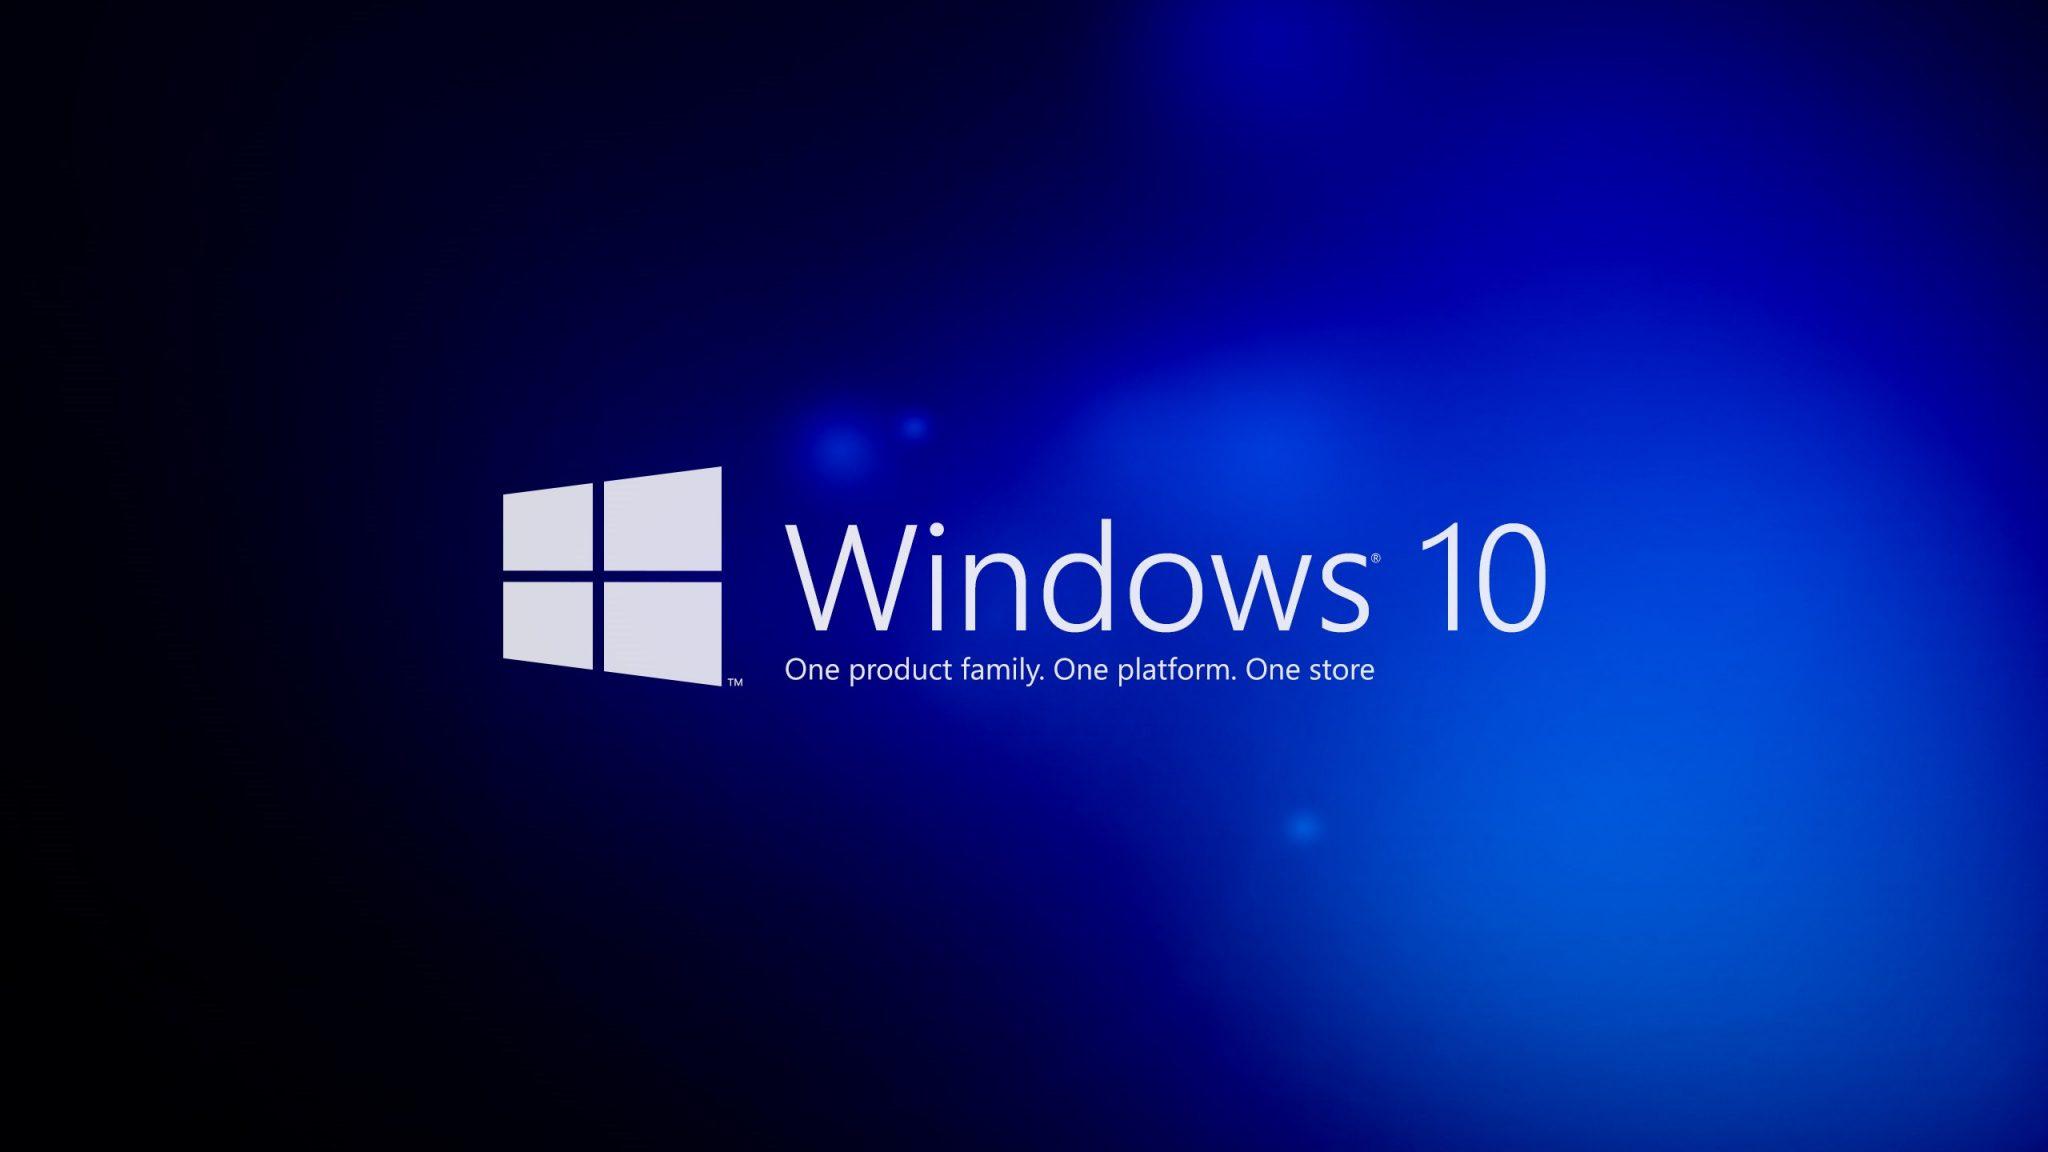 Windows 10 nel mirino dell'Ue: ha problemi di privacy, troppi dati raccolti